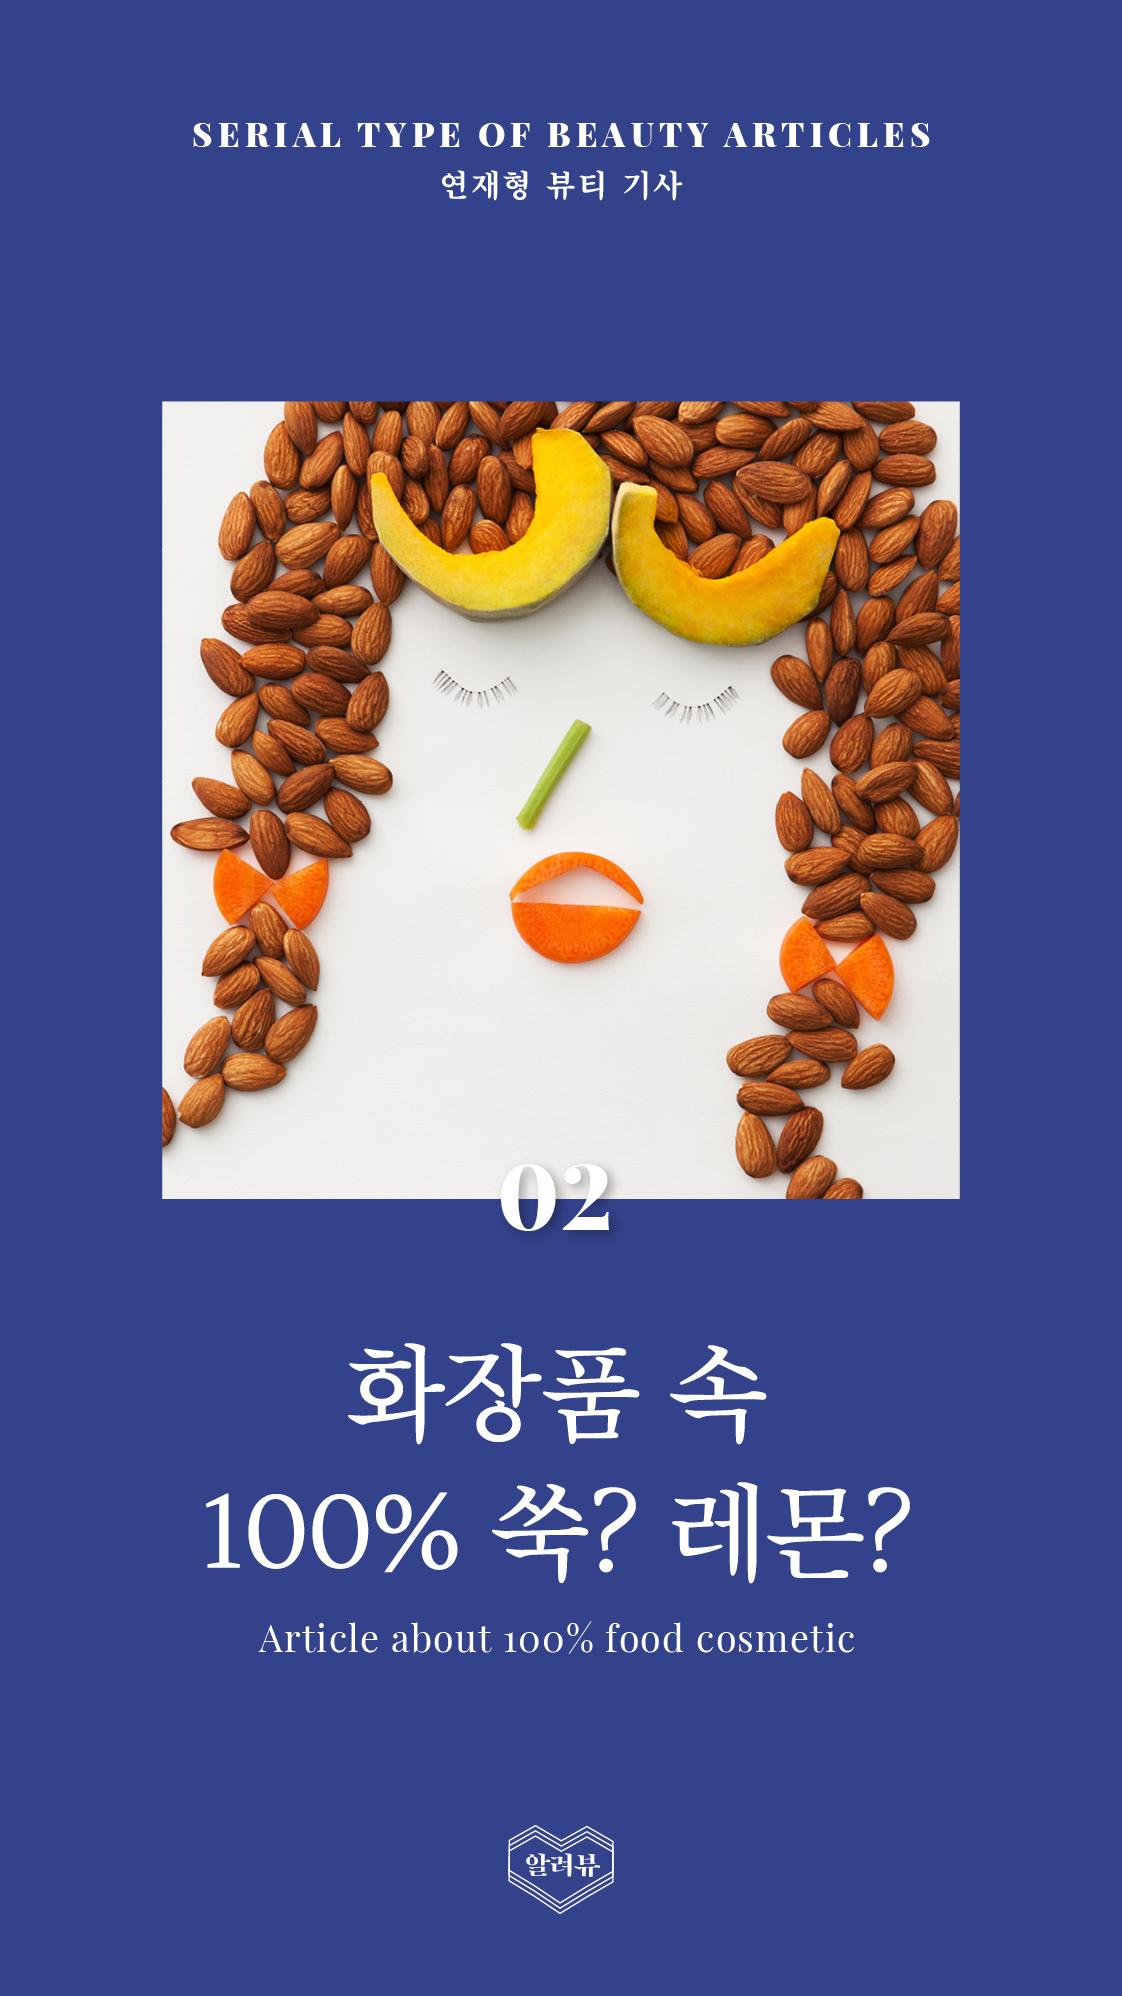 [알려뷰] 화장품 속 100% 쑥? 레몬? - 100% 식재료...